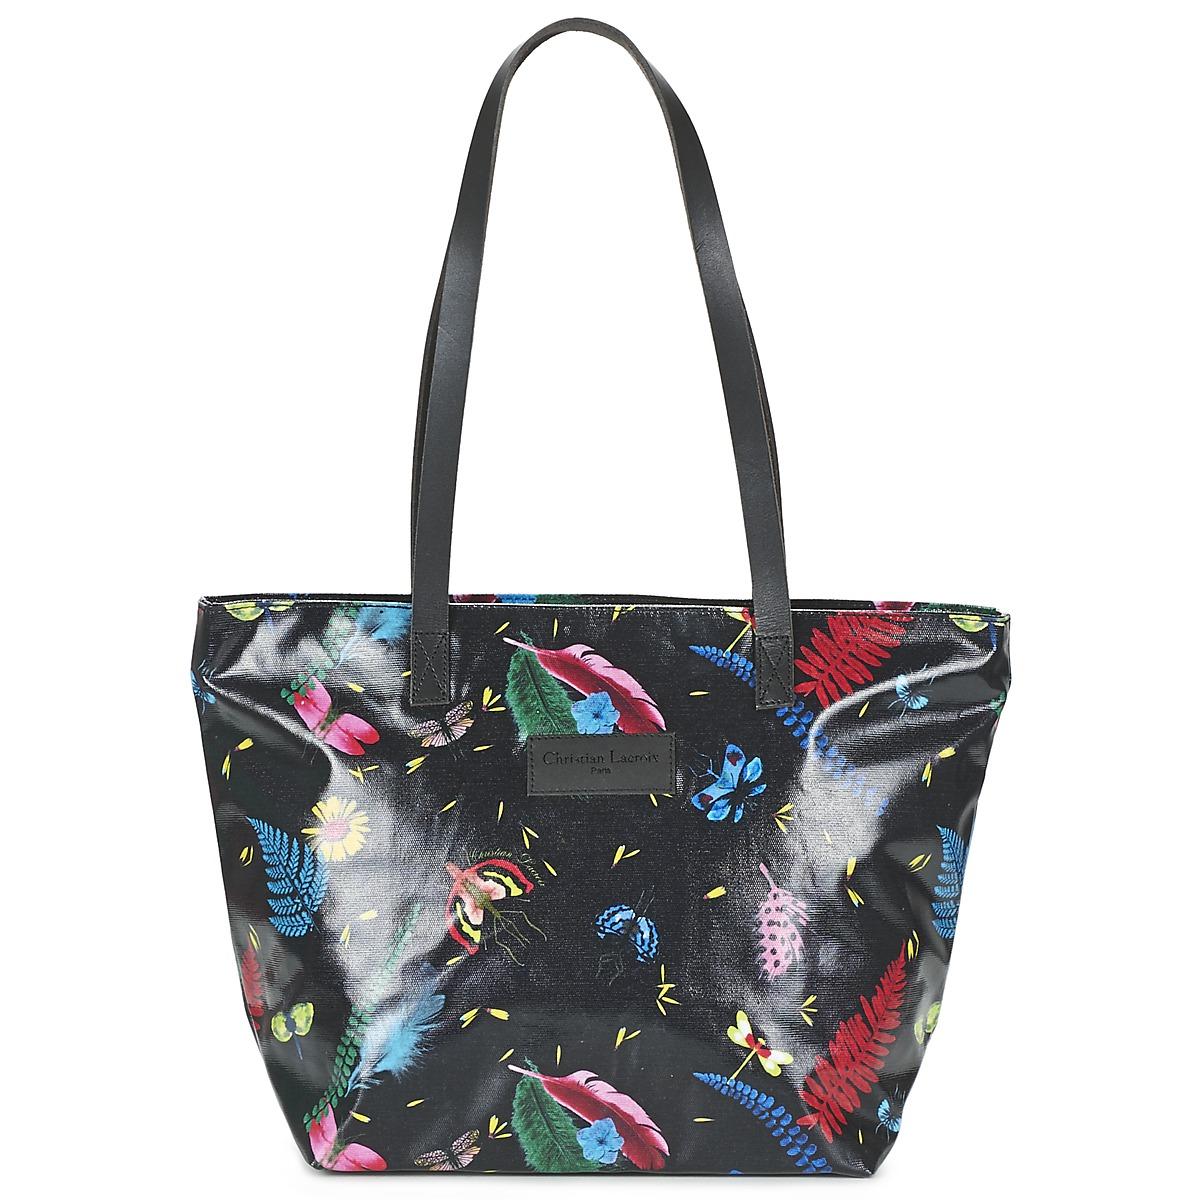 christian lacroix flamenco 2 nero consegna gratuita con borse borse a spalla. Black Bedroom Furniture Sets. Home Design Ideas